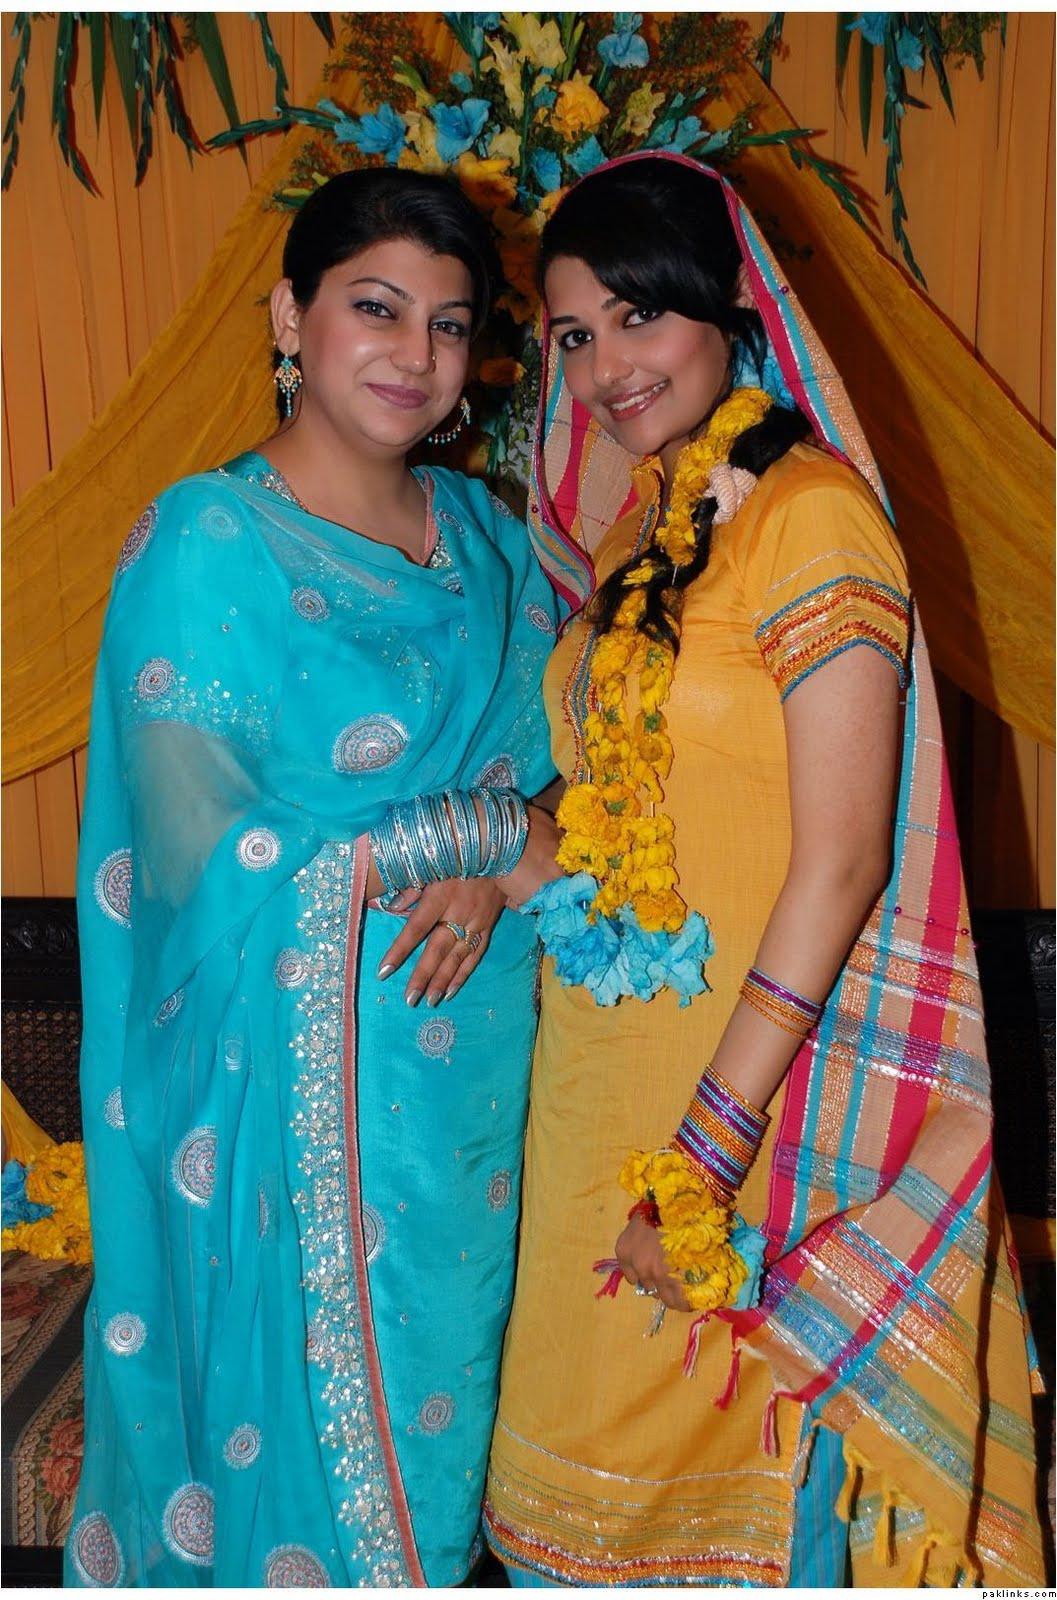 Фото свадьба в пакистане